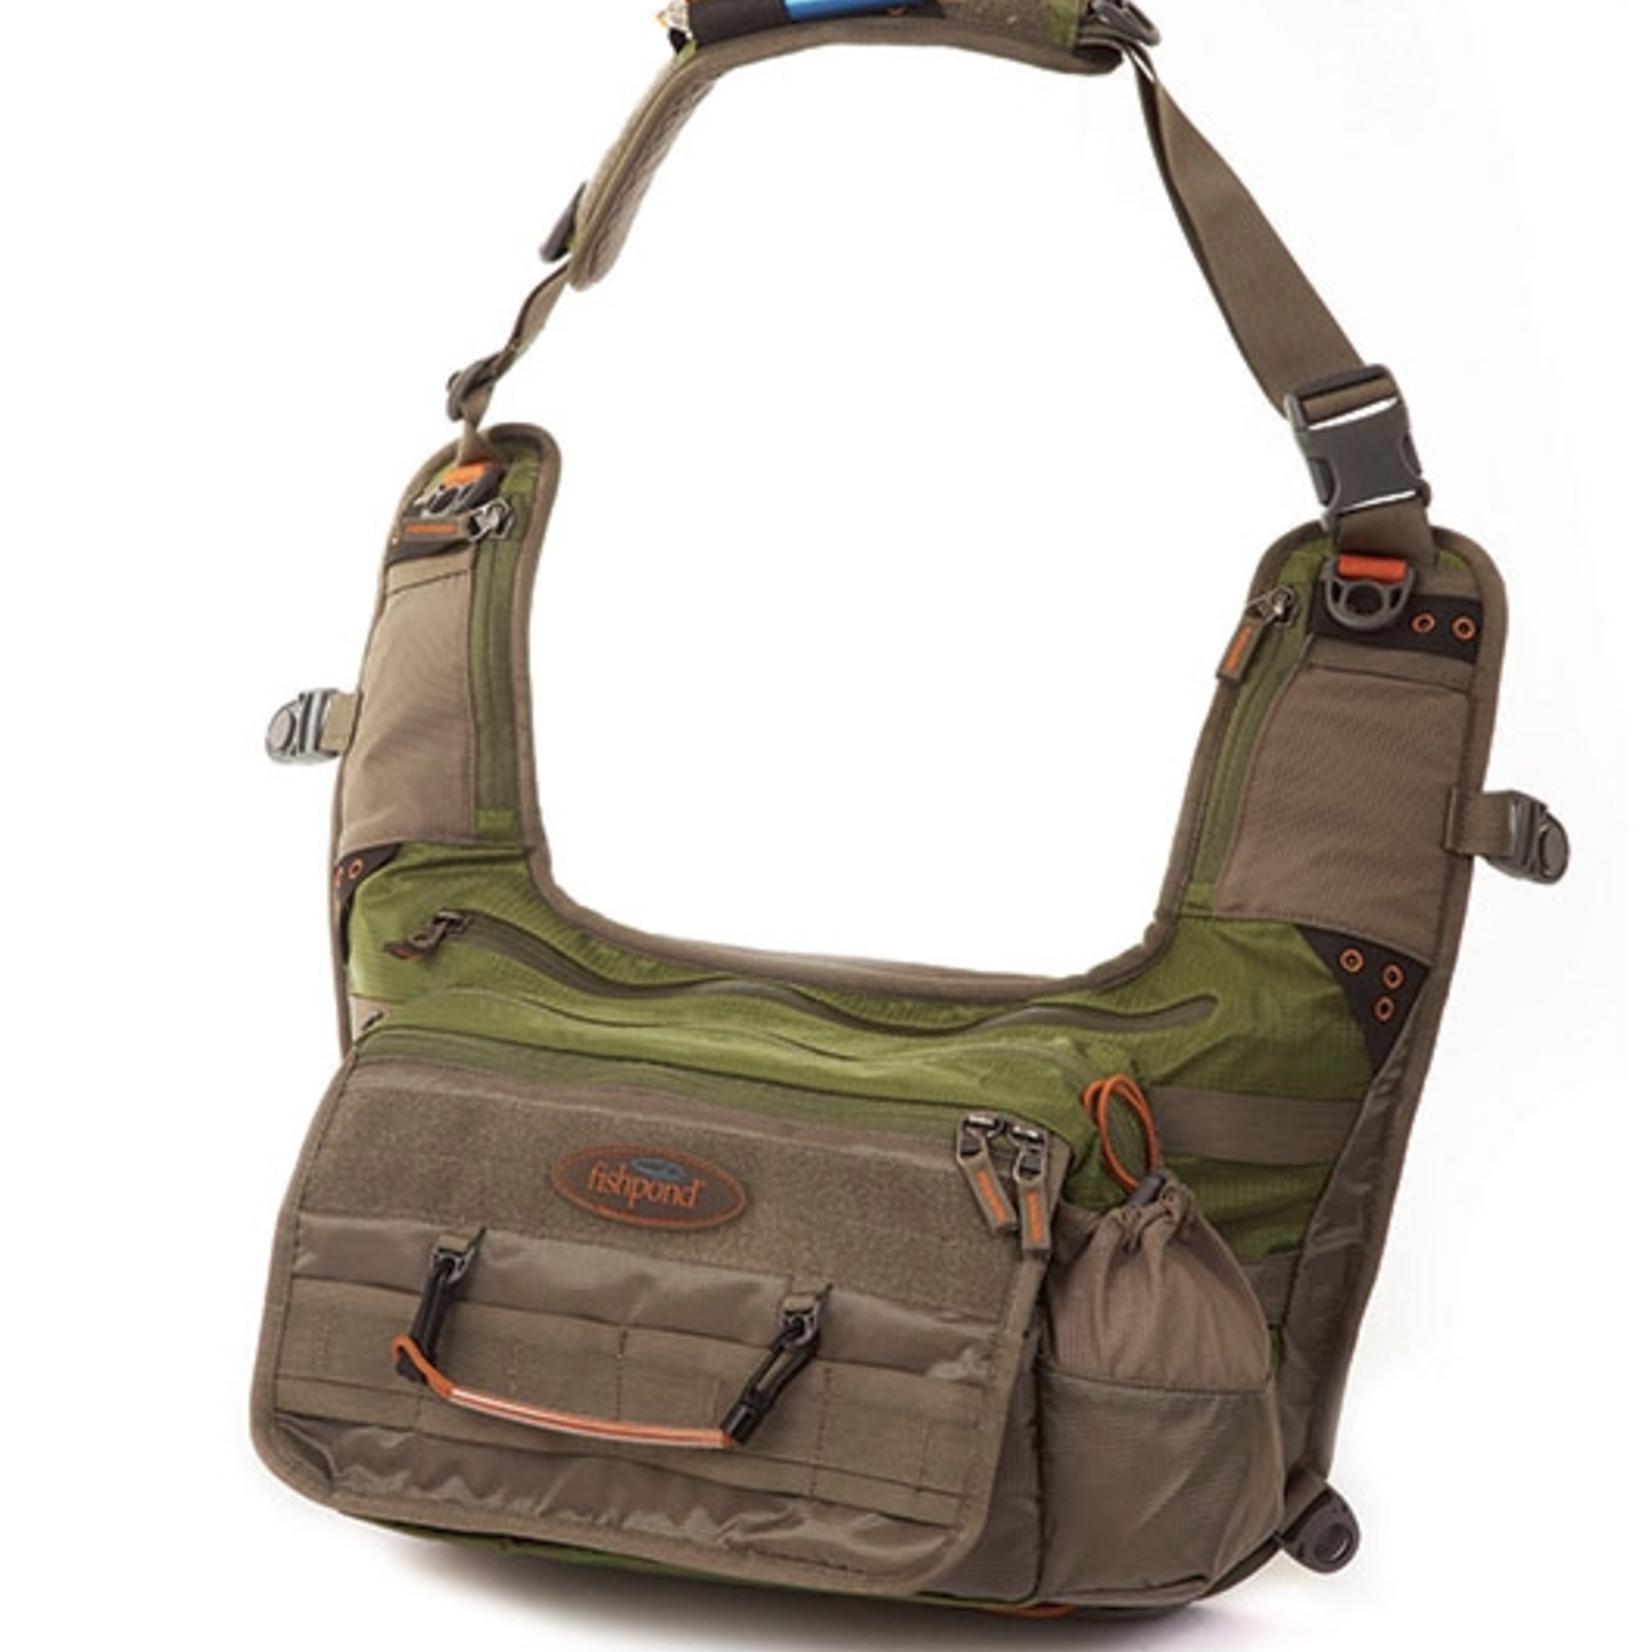 Fishpond Delta Sling Pack